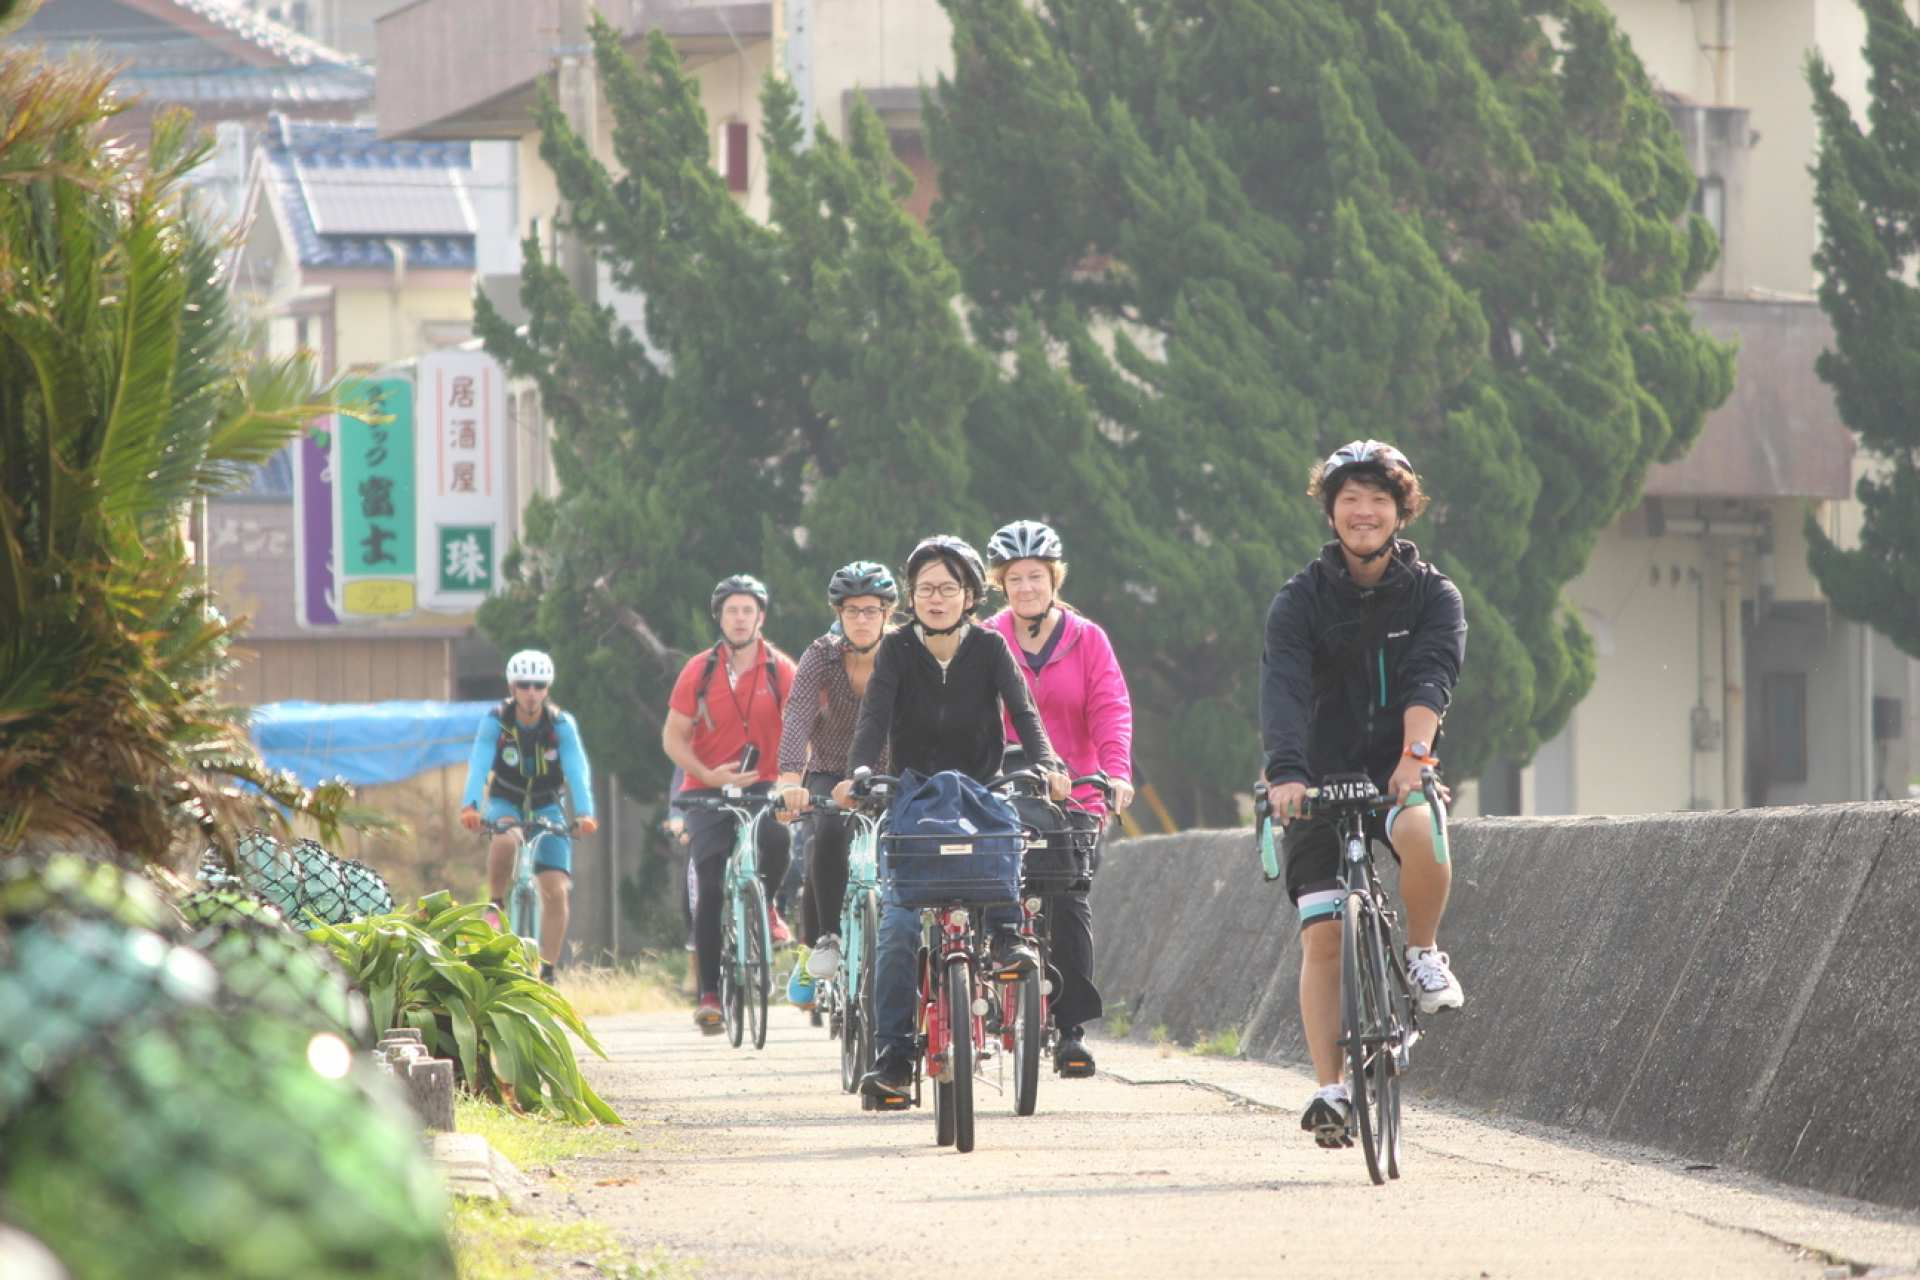 志摩サイクリングツアー|南張メロン農家・手こね寿司体験|三重アクティビティ予約